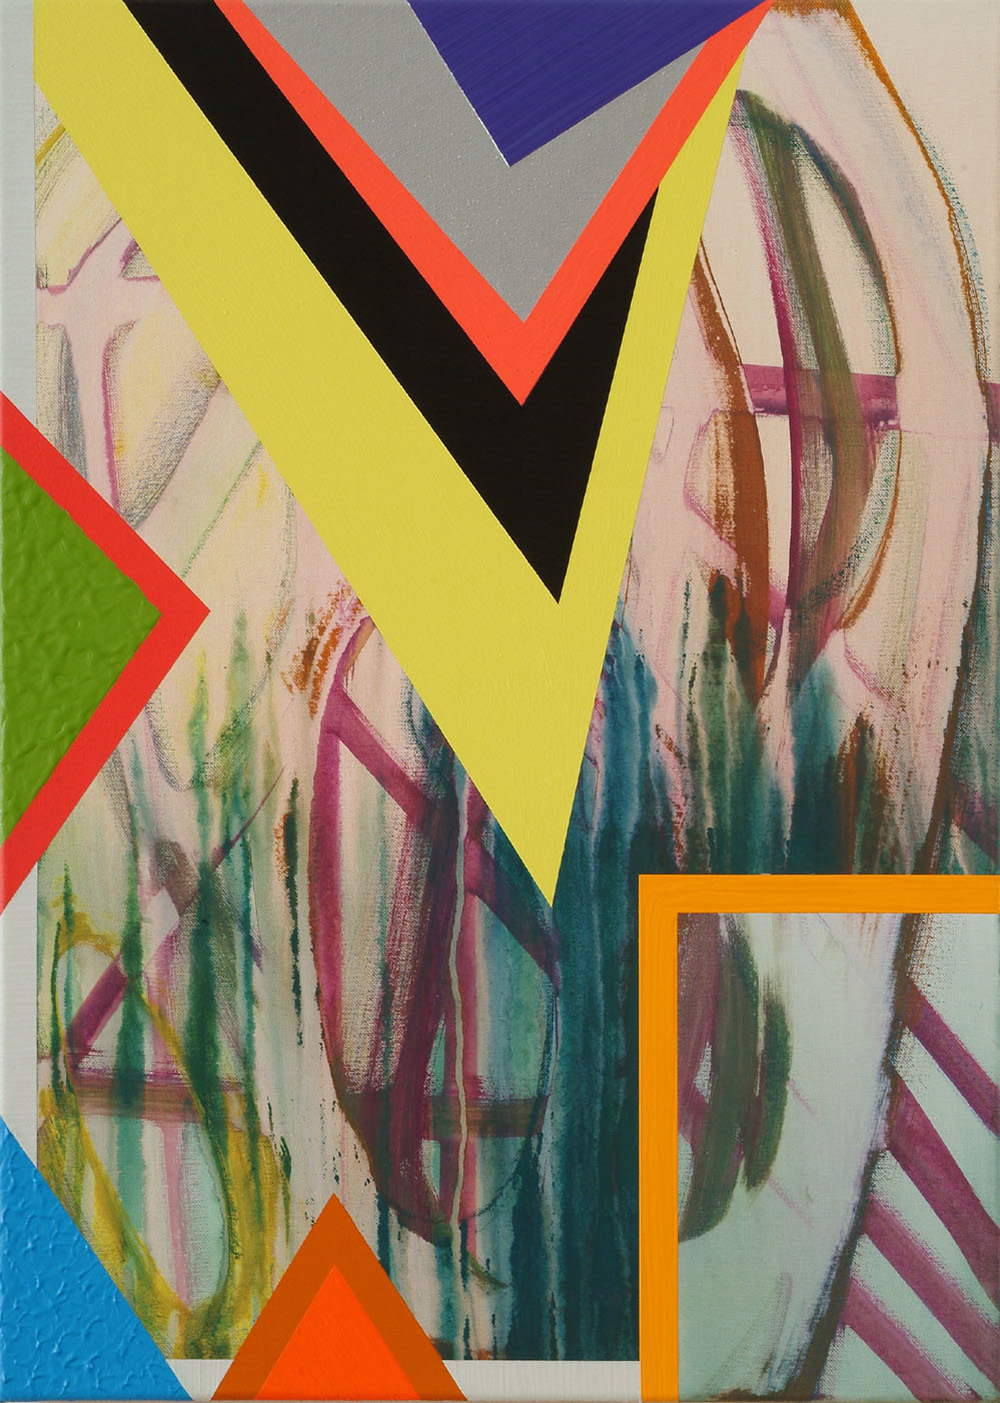 Bild-65 | Acryl auf Leinwand | 2008 | 70 x 50 cm